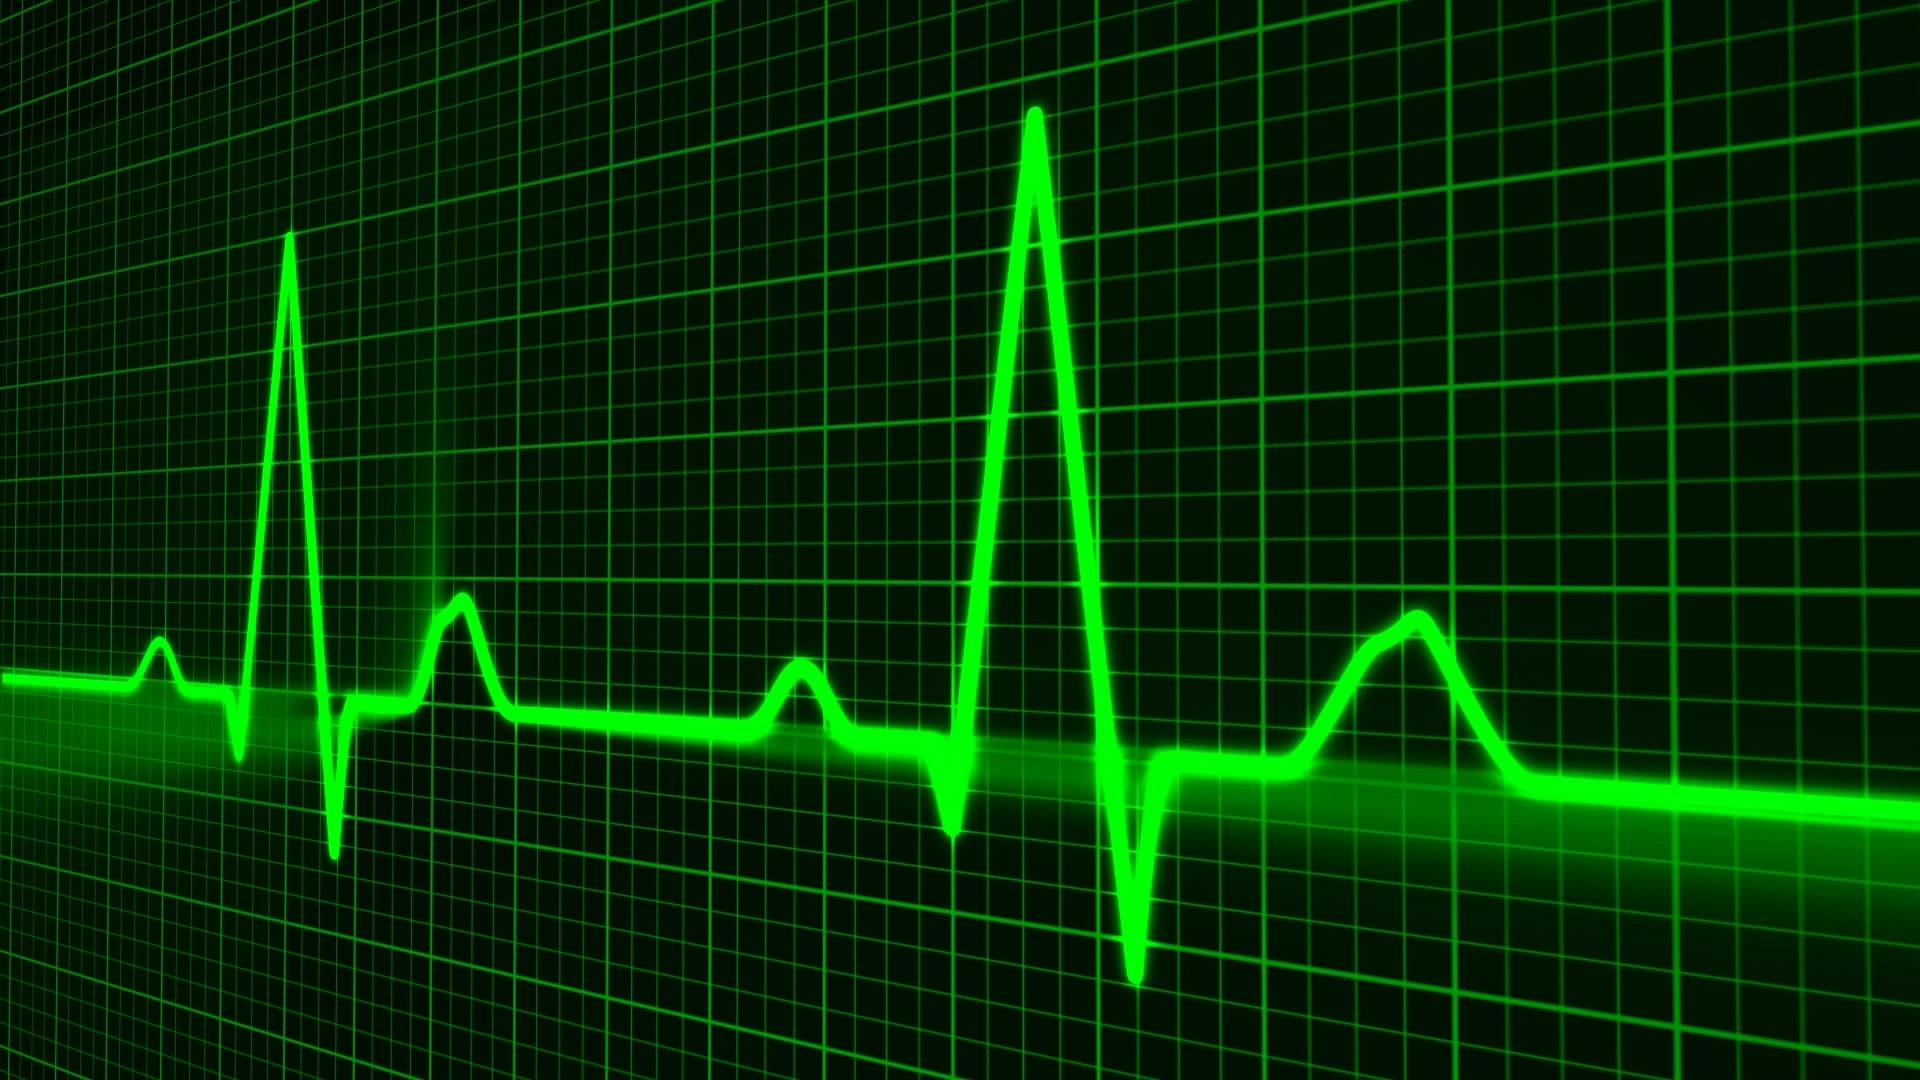 pulso, ritmo, cardiograma, osciloscopio, corazón - Fondos de Pantalla HD - professor-falken.com